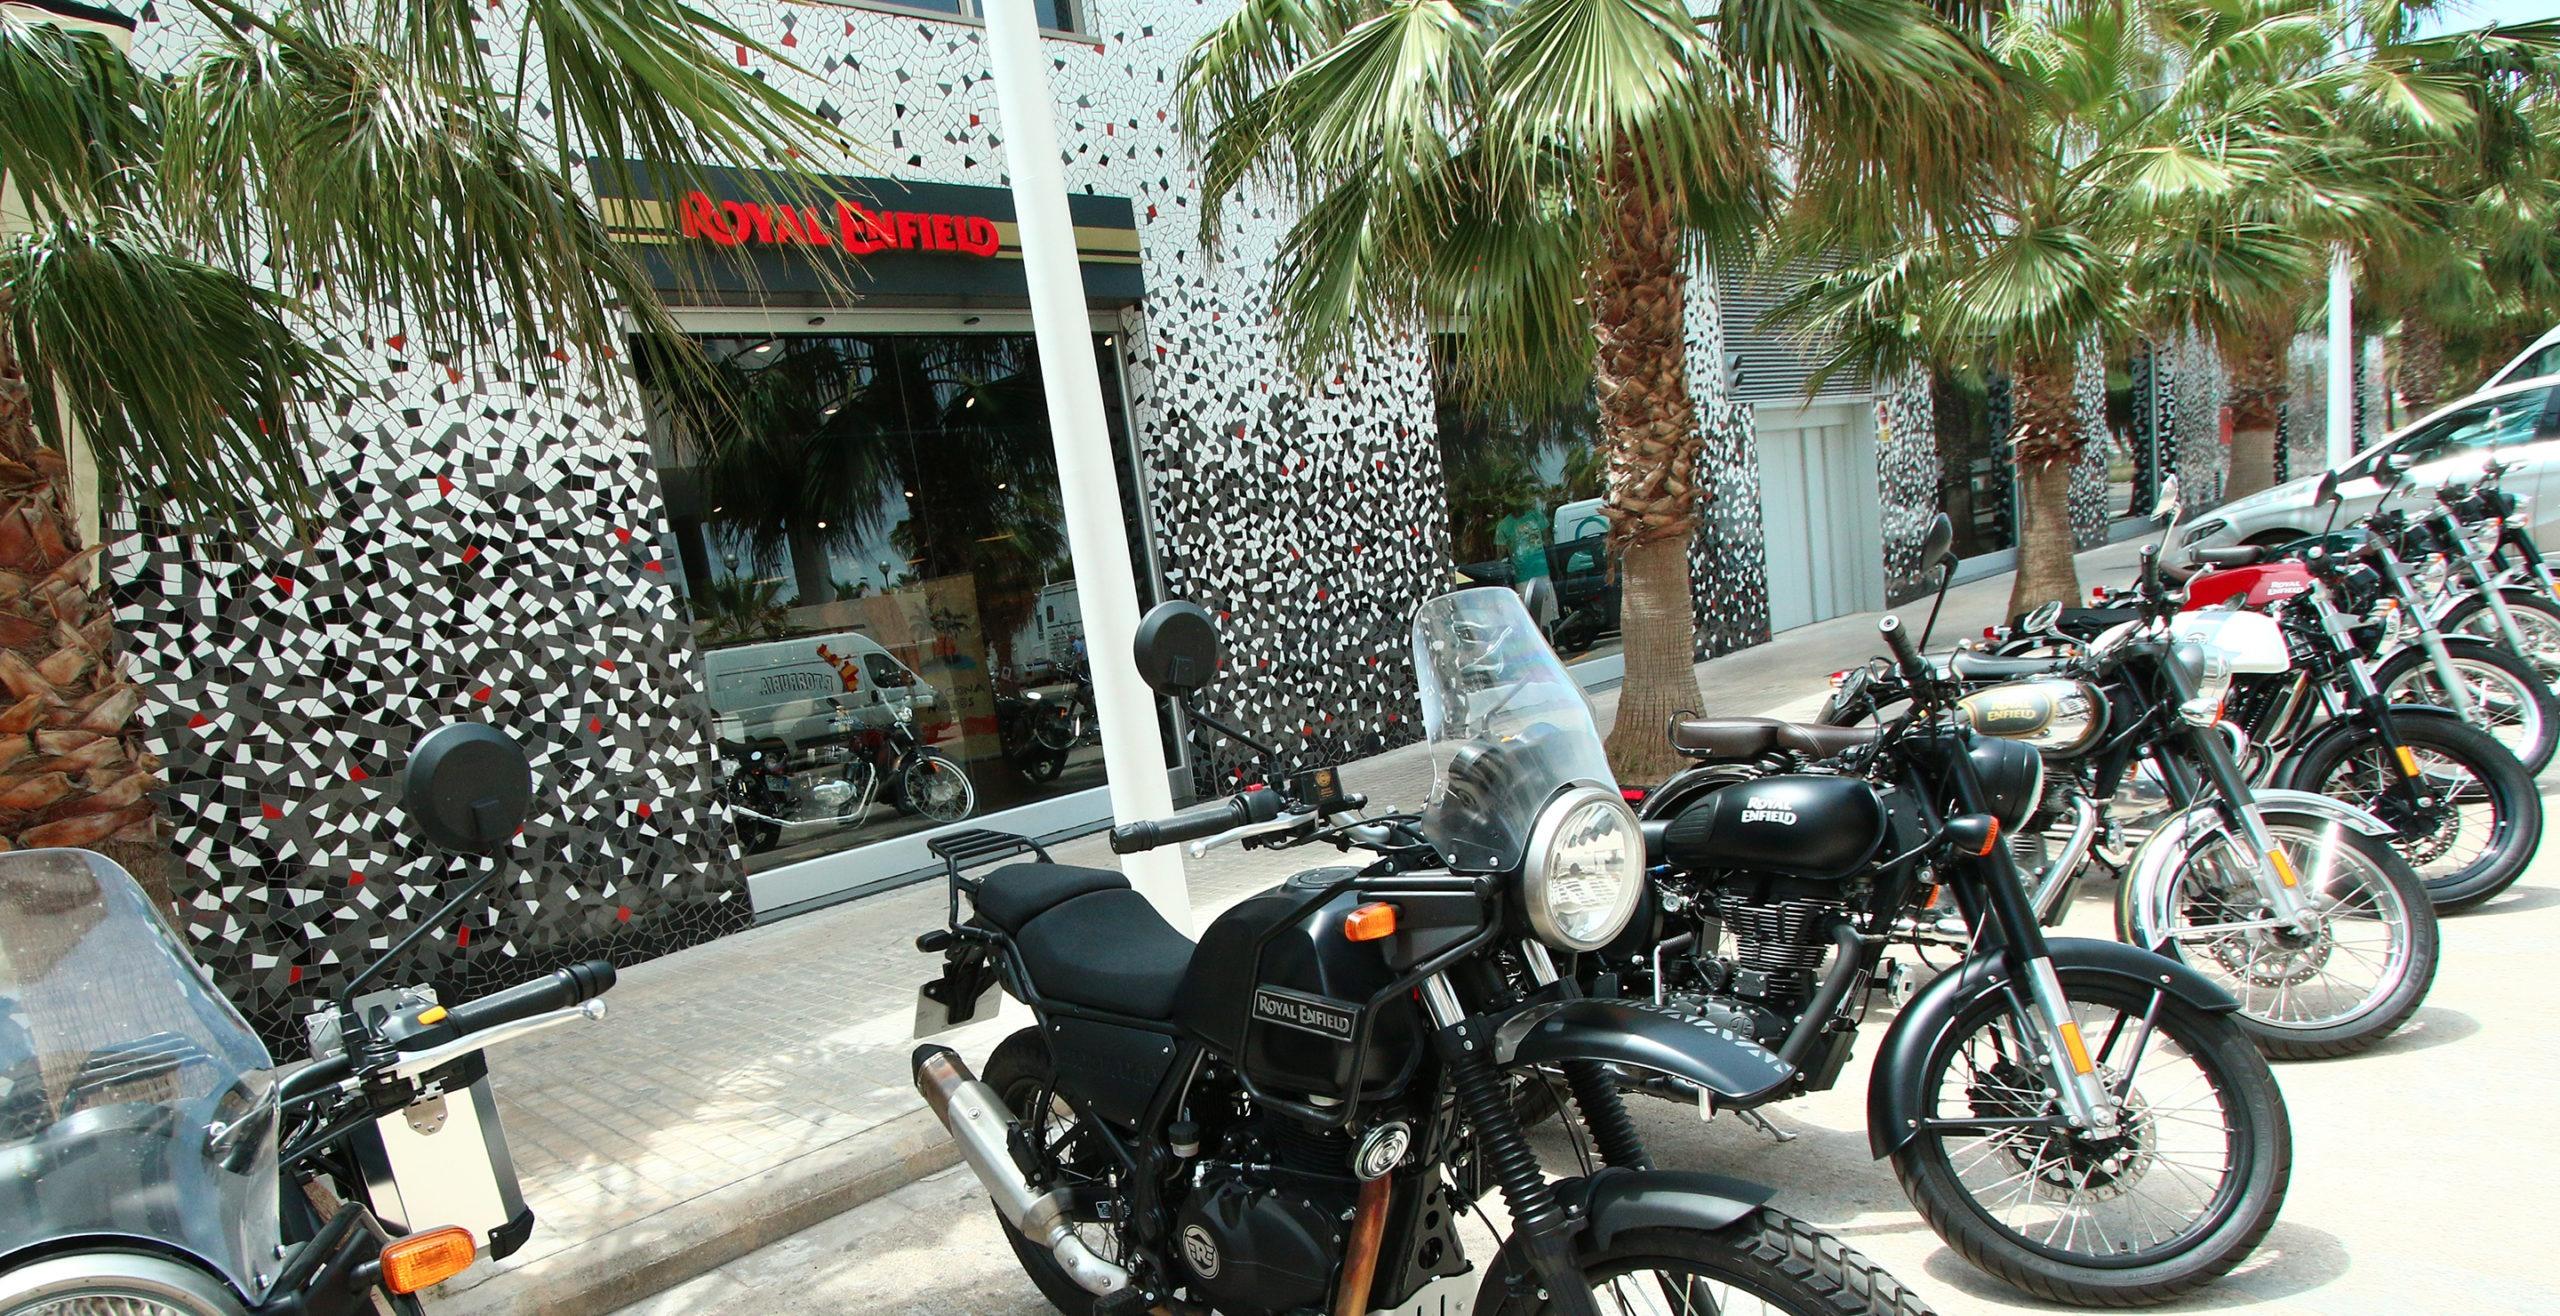 Distintos modelos de moto Royal Enfield delante de la entrada del concesionario Patacona Motos